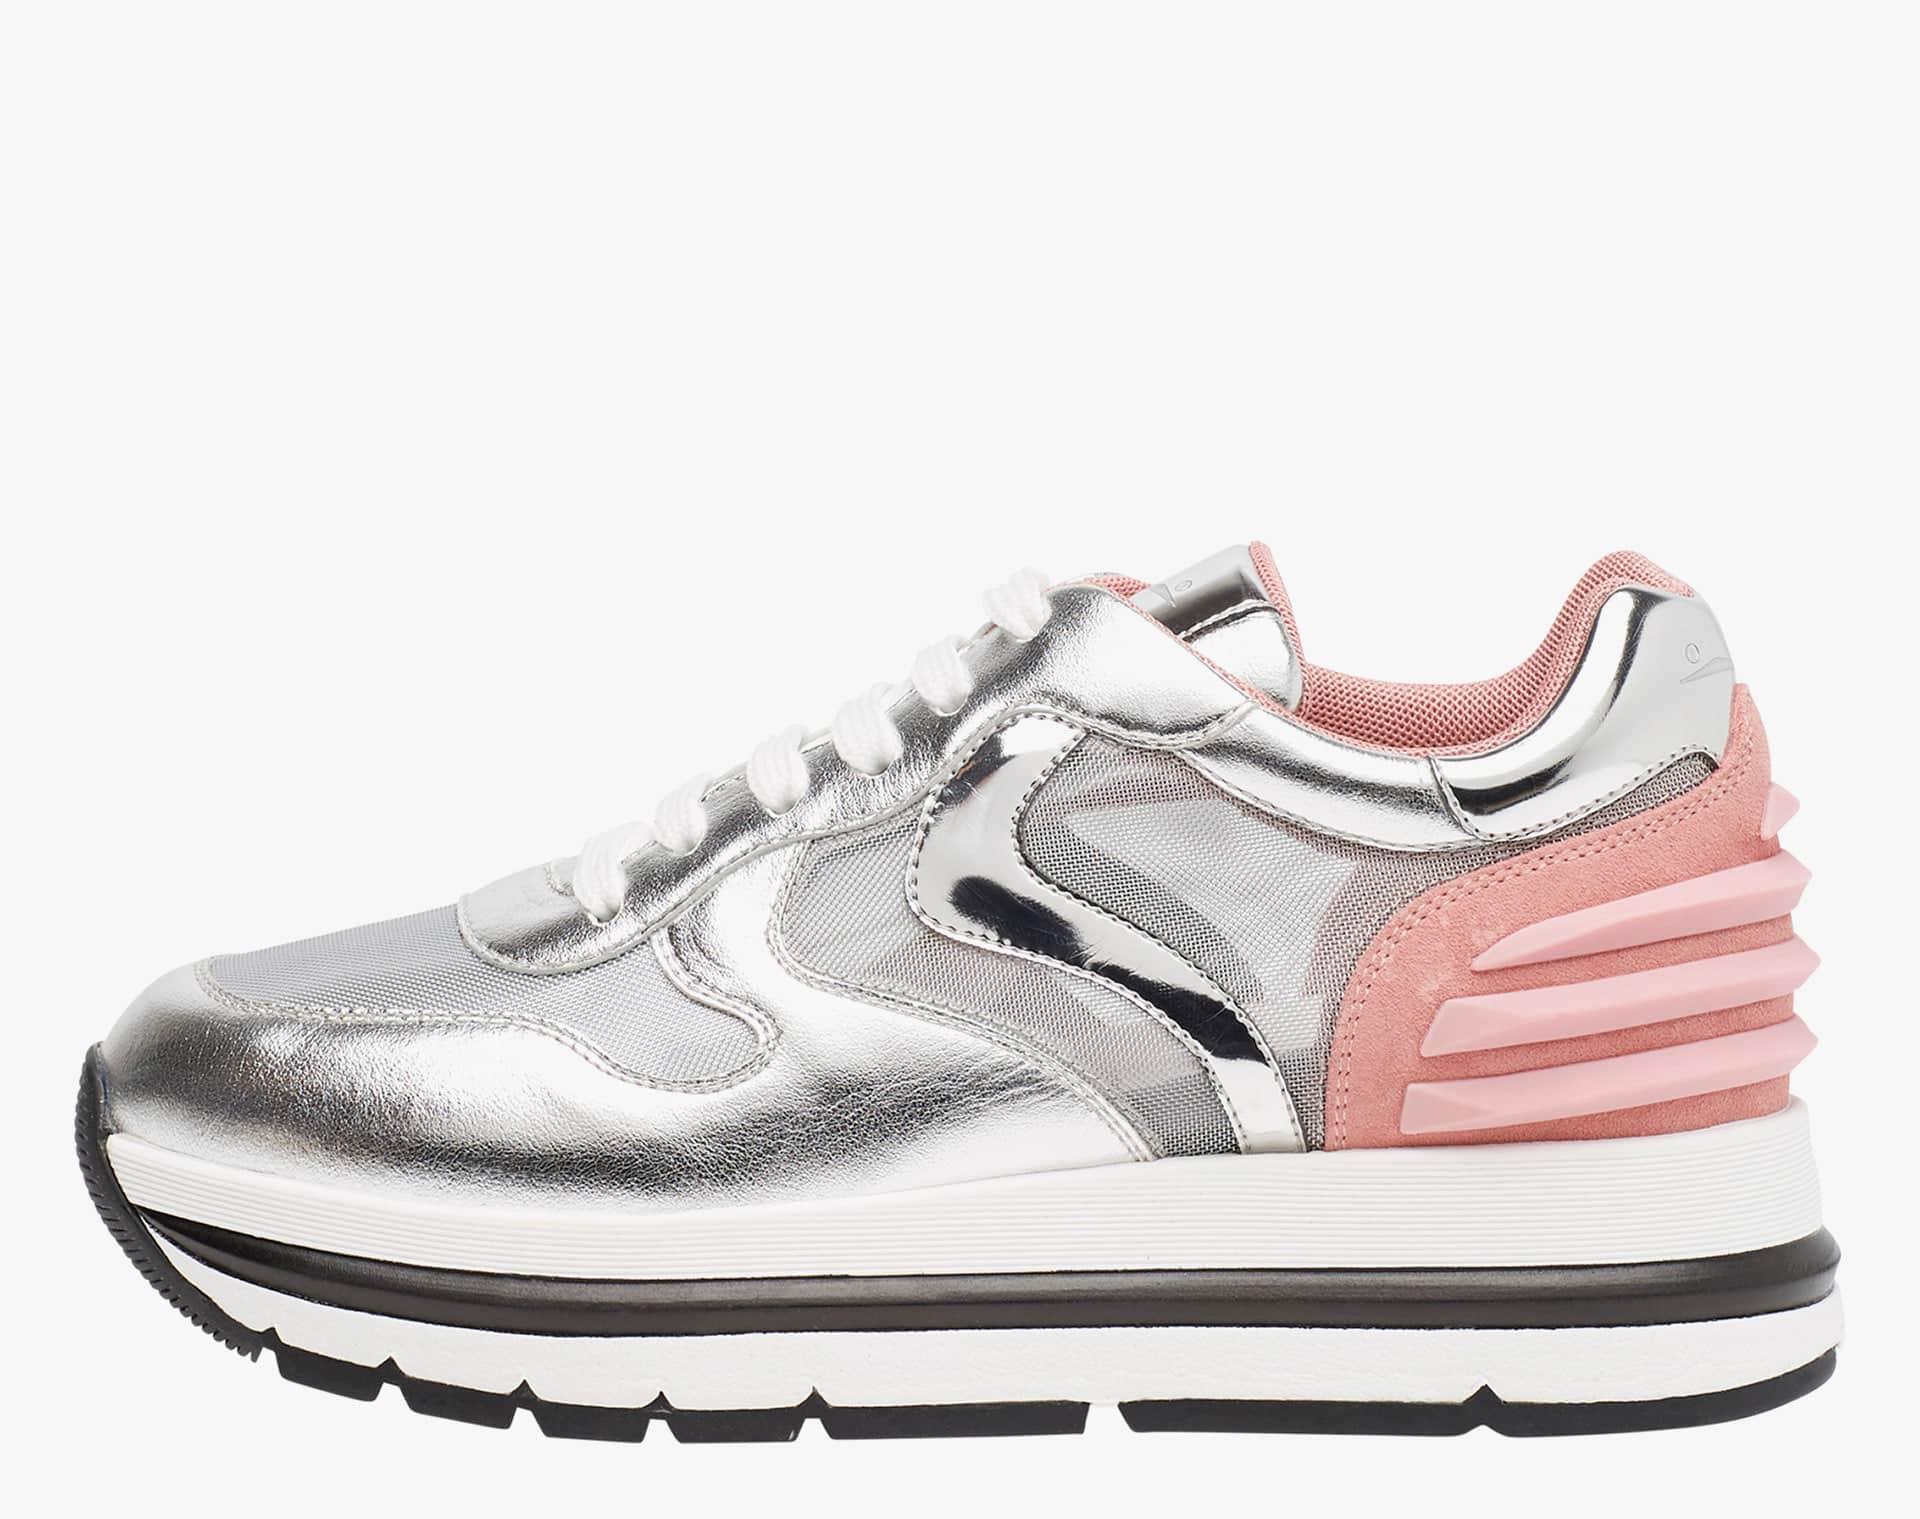 MARAN POWER MESH - Sneaker in nappa laminata e micro rete - Argento/Rosa